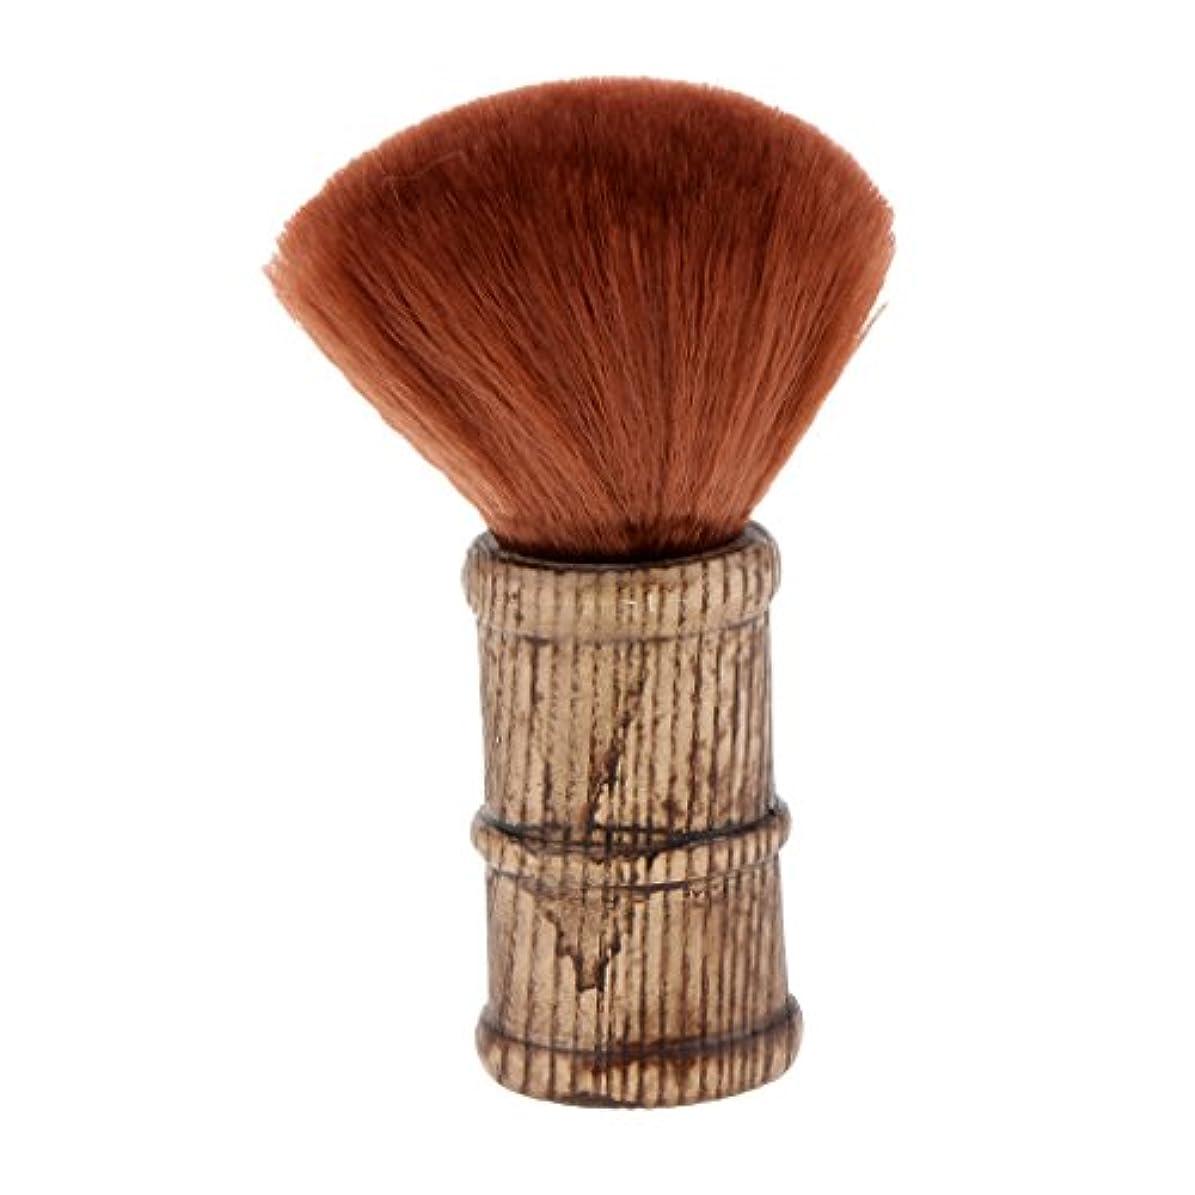 創始者飼料モンクネックダスターブラシ ヘアカットブラシ 理髪師 サロン スーパーソフト メイクアップ 2色選べる - 褐色